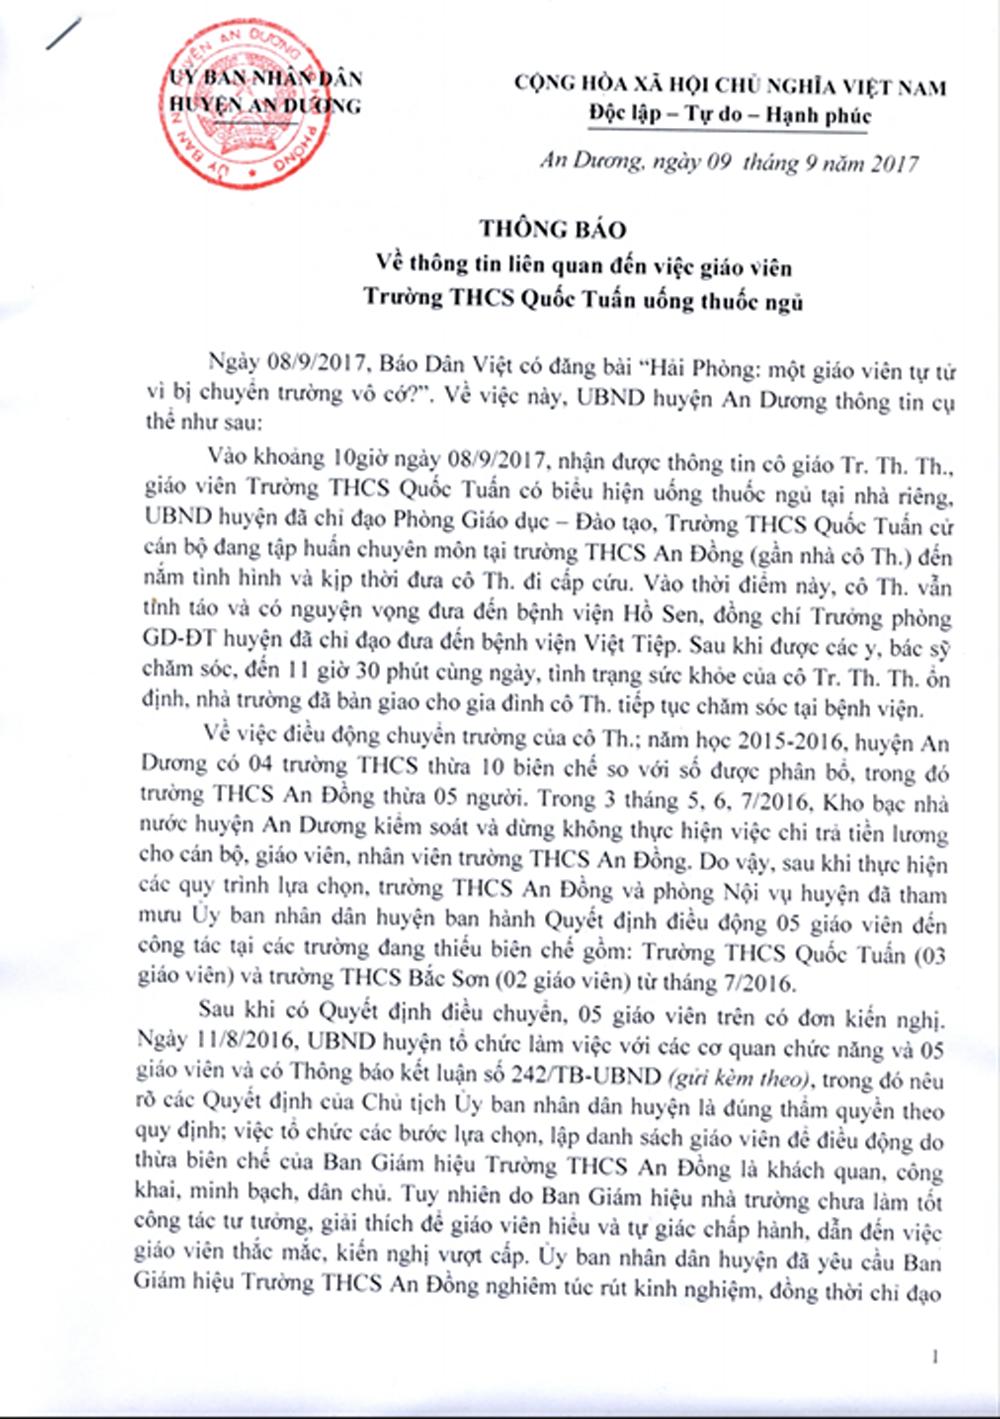 Vụ giáo viên tự tử vì bị điều chuyển: Huyện An Dương khẳng định làm đúng quy trình 1